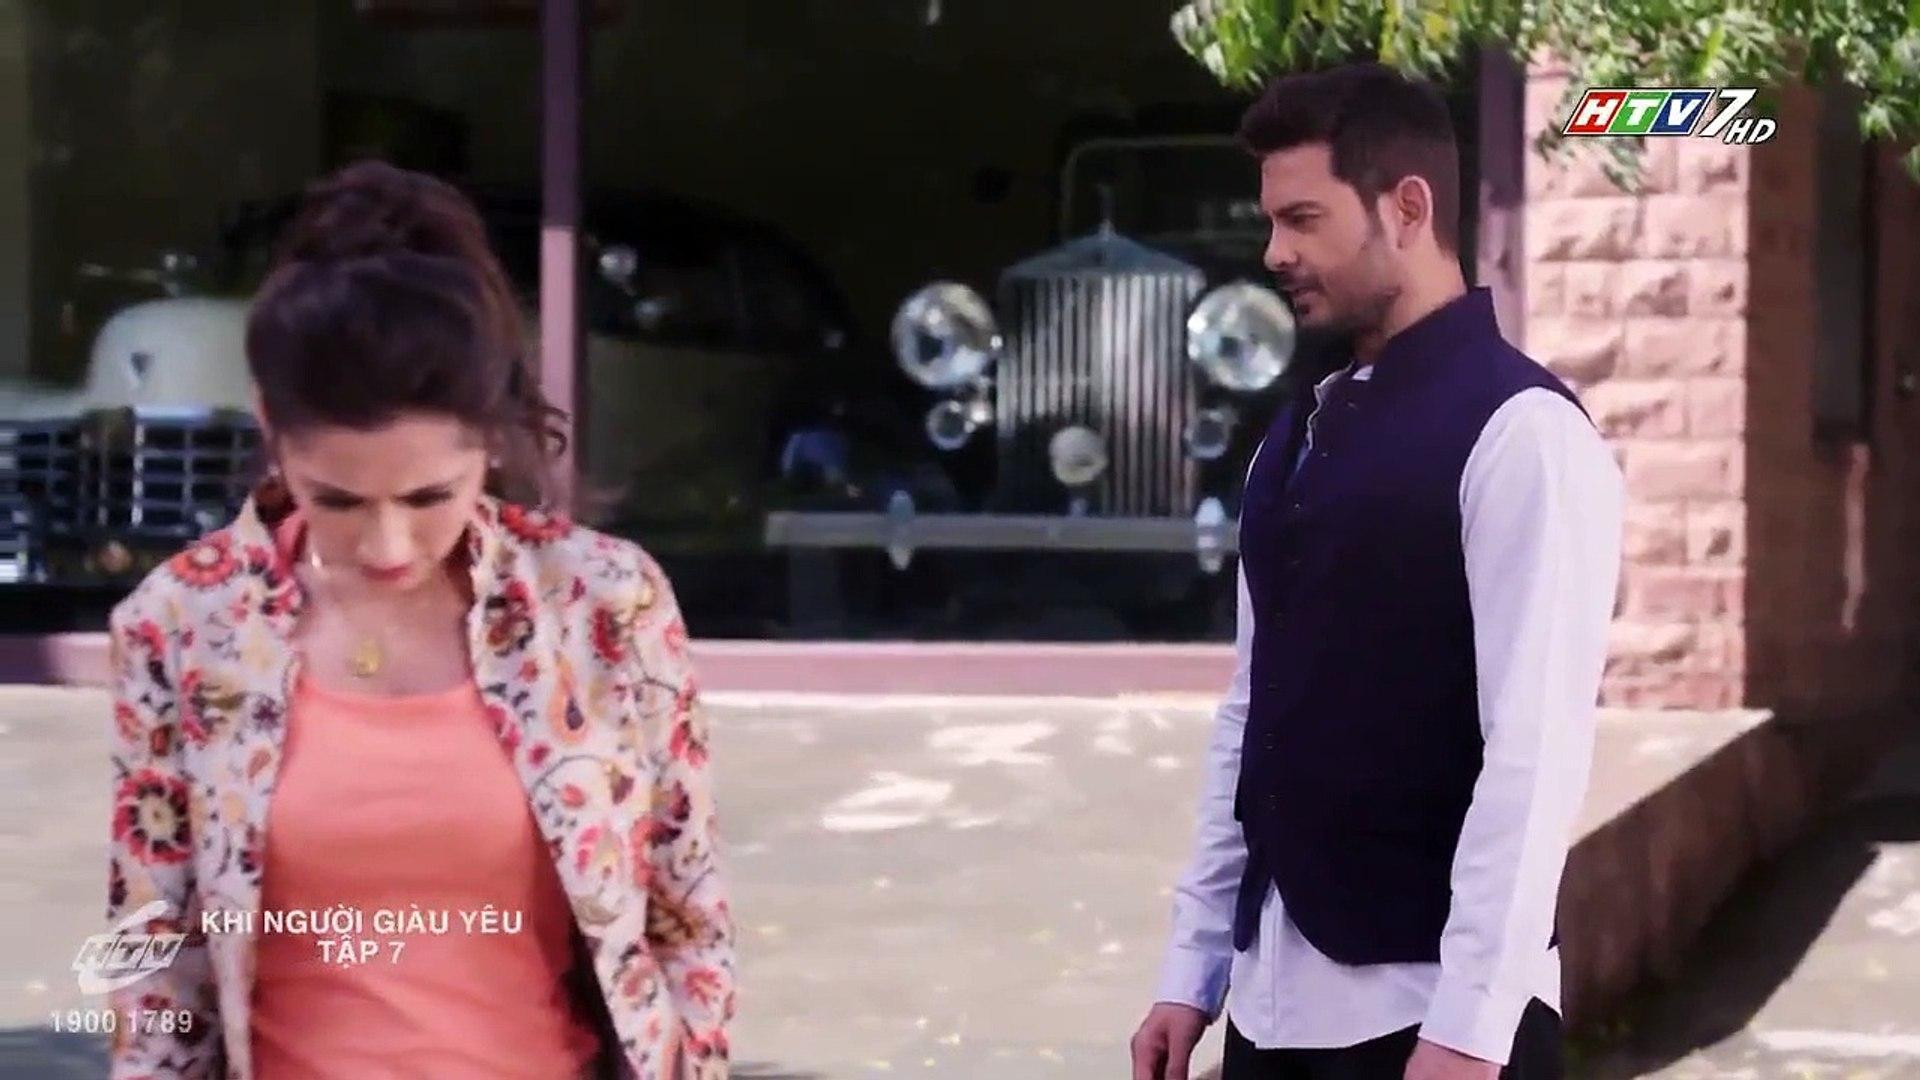 Khi Người Giàu Yêu Tập 7 - HTV7 Lồng Tiếng - Phim Ấn Độ - Phim Khi Nguoi Giau Yeu Tap 7 - Phim Khi N